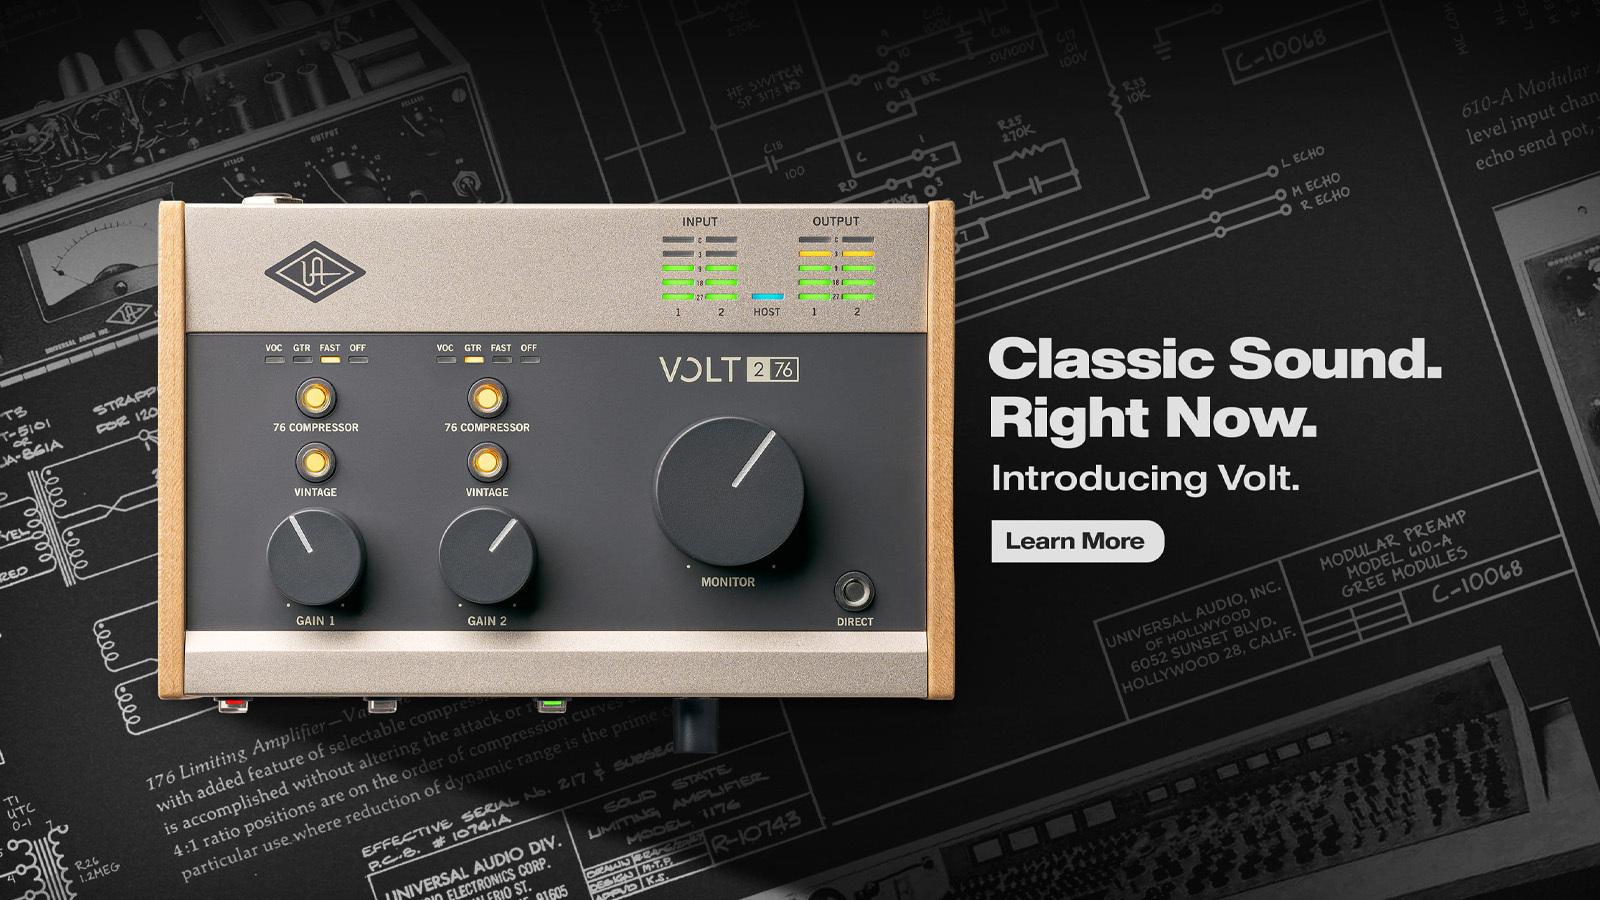 """<h2 class=""""title"""">Universal Audioの技術がふんだんに盛り込まれた¥17,000からのオーディオインターフェイス新シリーズ「Volt」各機種を発表!</h2>"""